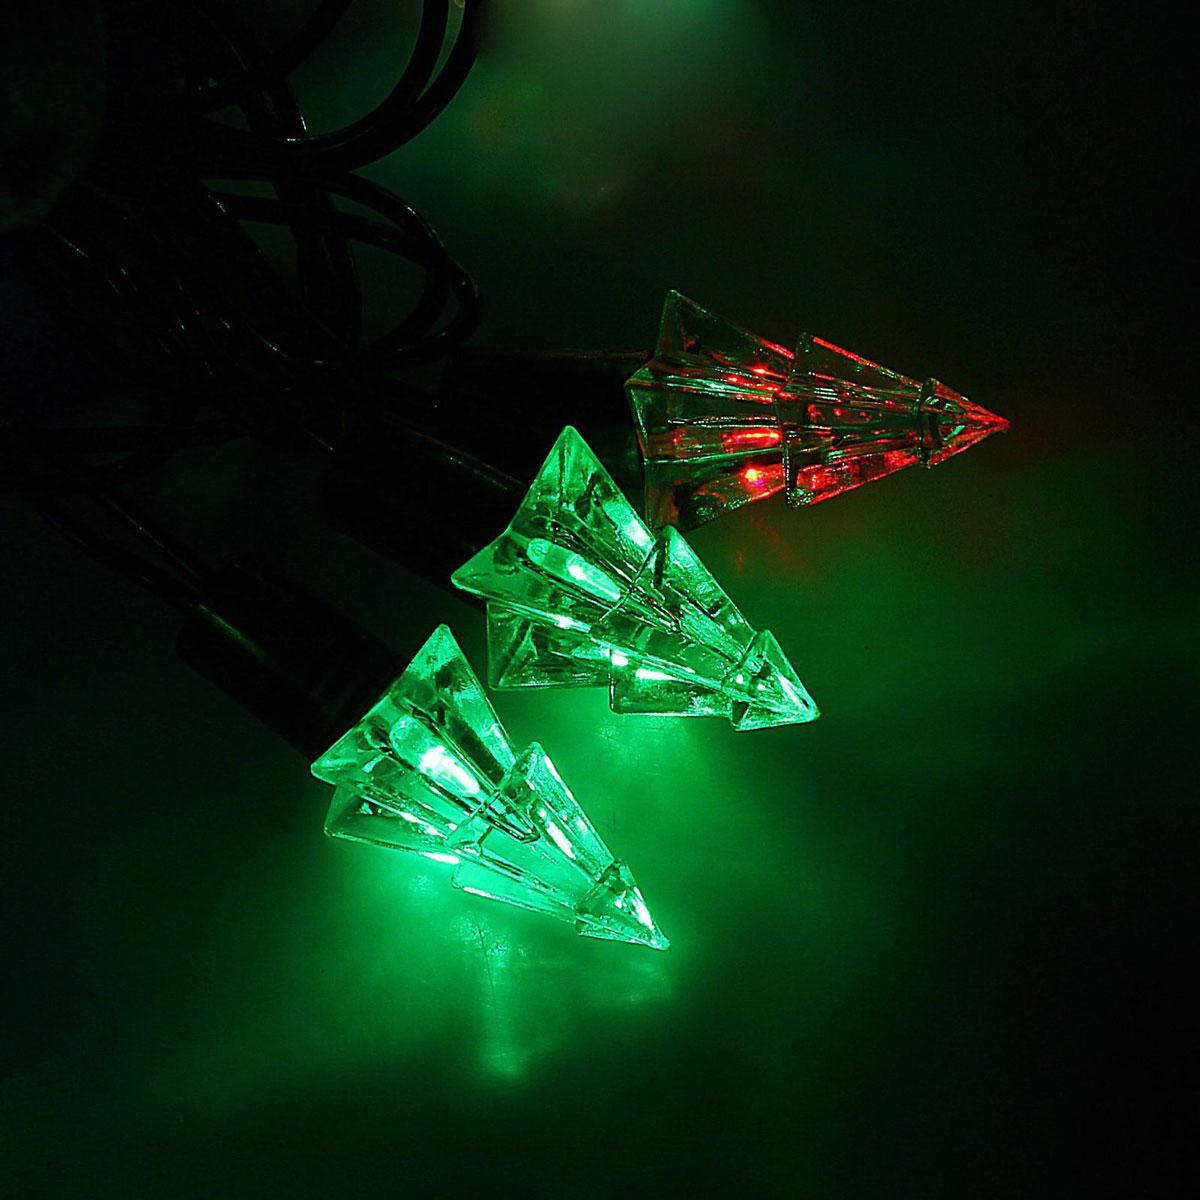 Гирлянда светодиодная Luazon Метраж. Елка маленькая, уличная с насадкой, моргает, 40 ламп, 220 V, 5 м, цвет: мультиколор. 10800891080089Светодиодные гирлянды, ленты и т.д. — это отличный вариант для новогоднего оформления интерьера или фасада. С их помощью помещение любого размера можно превратить в праздничный зал, а внешние элементы зданий, украшенные ими, мгновенно станут напоминать очертания сказочного дворца. Такие украшения создают ауру предвкушения чуда. Деревья, фасады, витрины, окна и арки будто специально созданы, чтобы вы украсили их светящимися нитями.